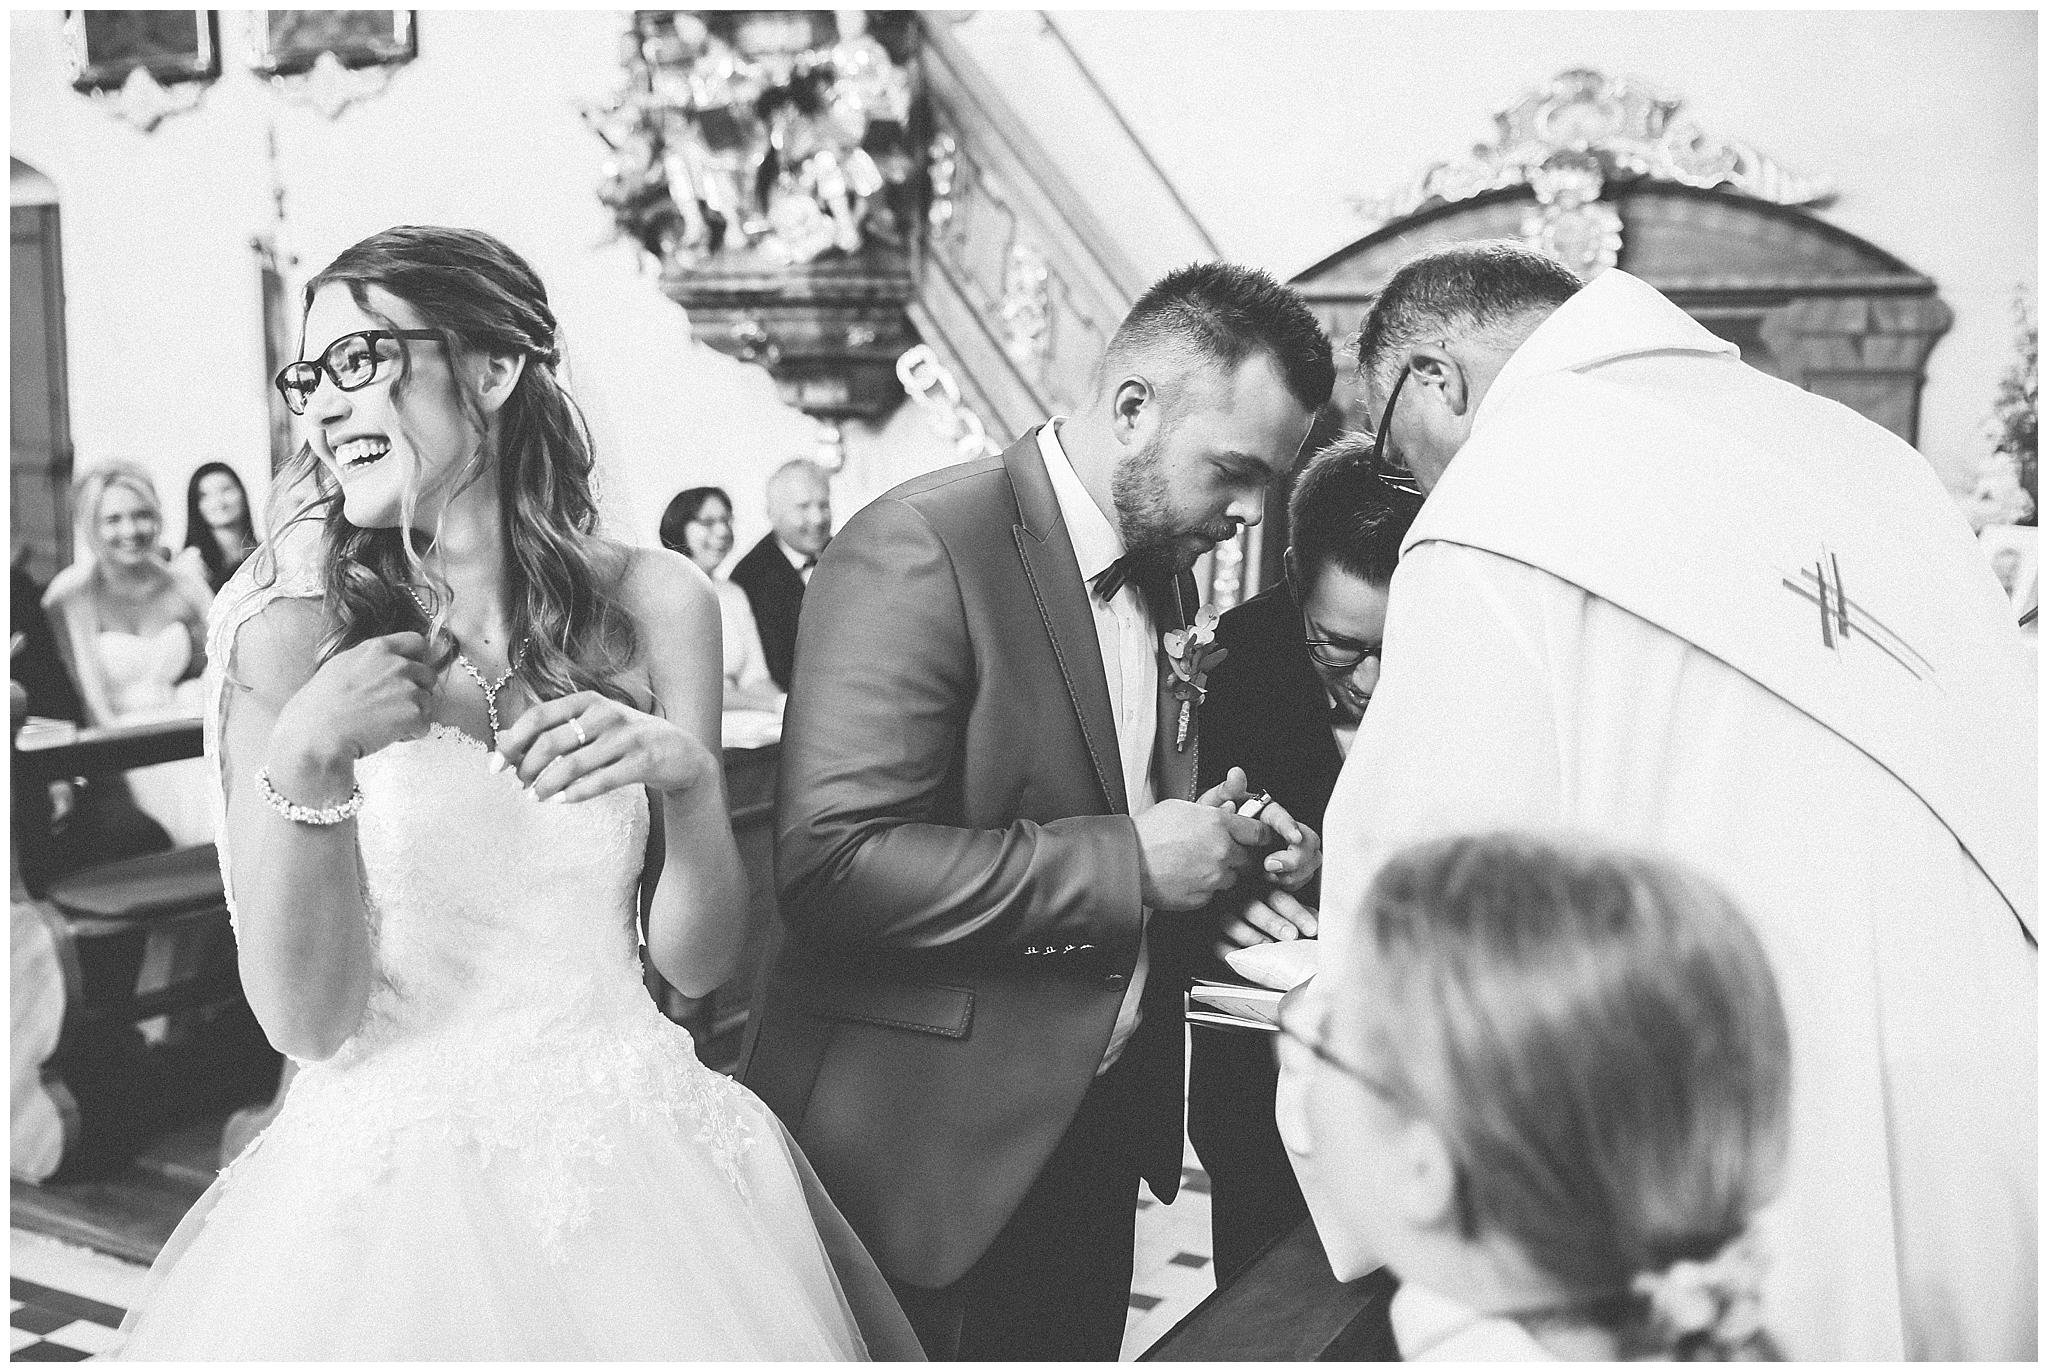 Hochzeit_Menninger_dieLICHTBUILDER_38.jpg